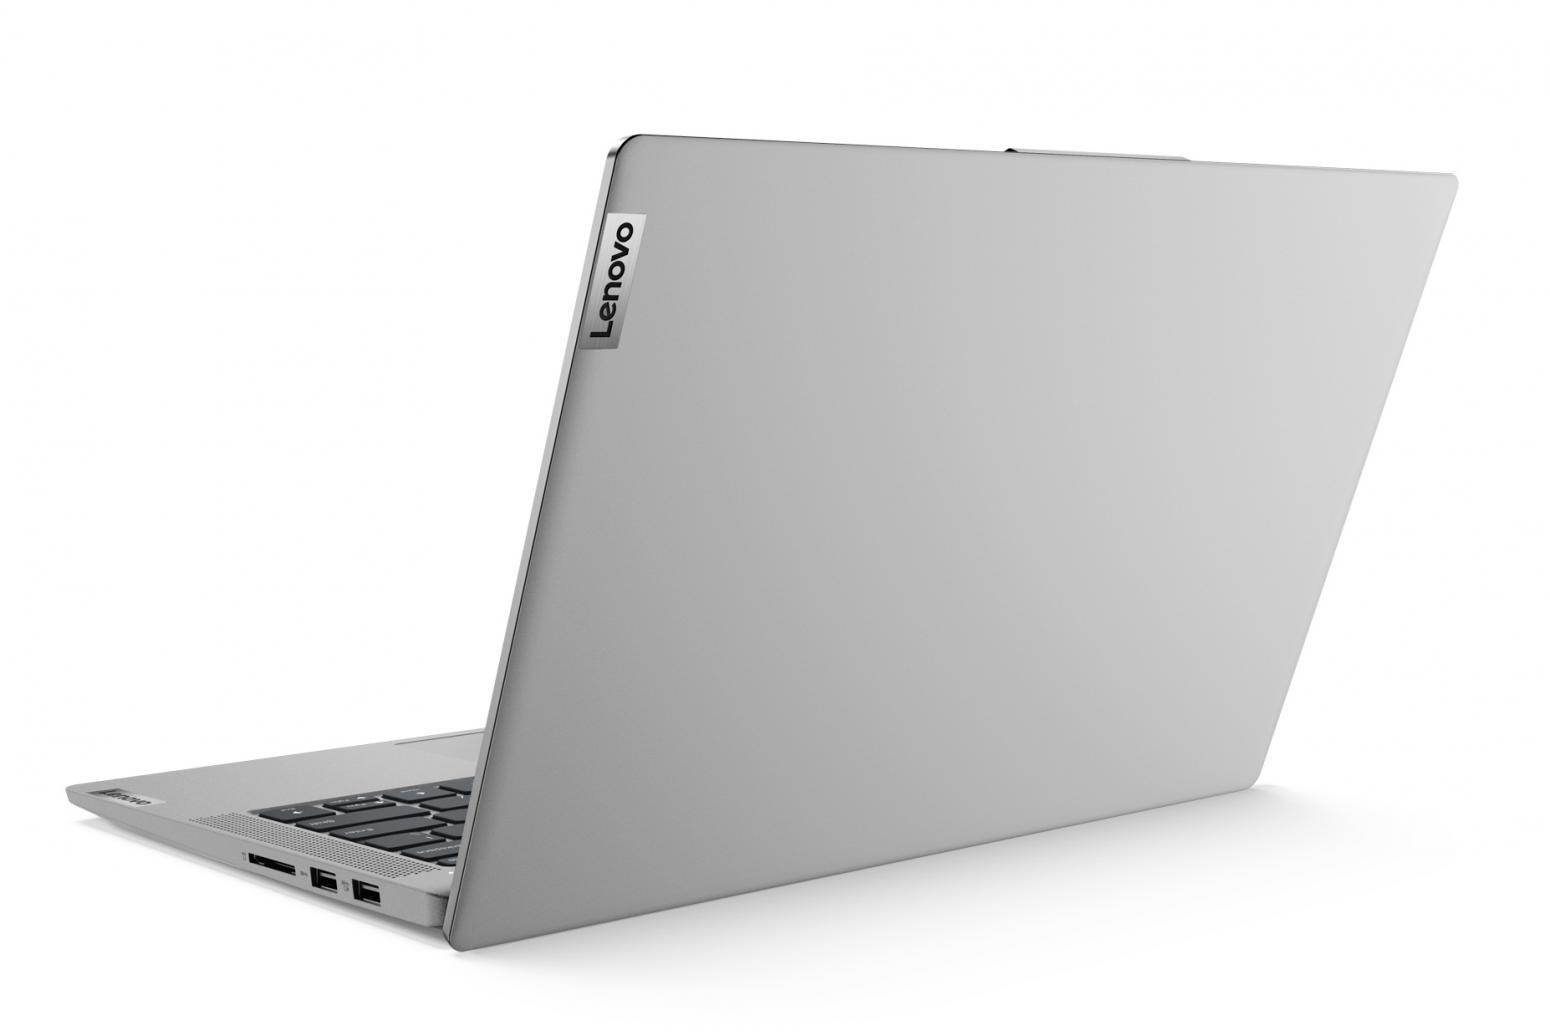 Ordinateur portable Lenovo IdeaPad 5 14ARE05 (81YM0017FR) Argent - Ryzen 7 Octo Core - photo 7